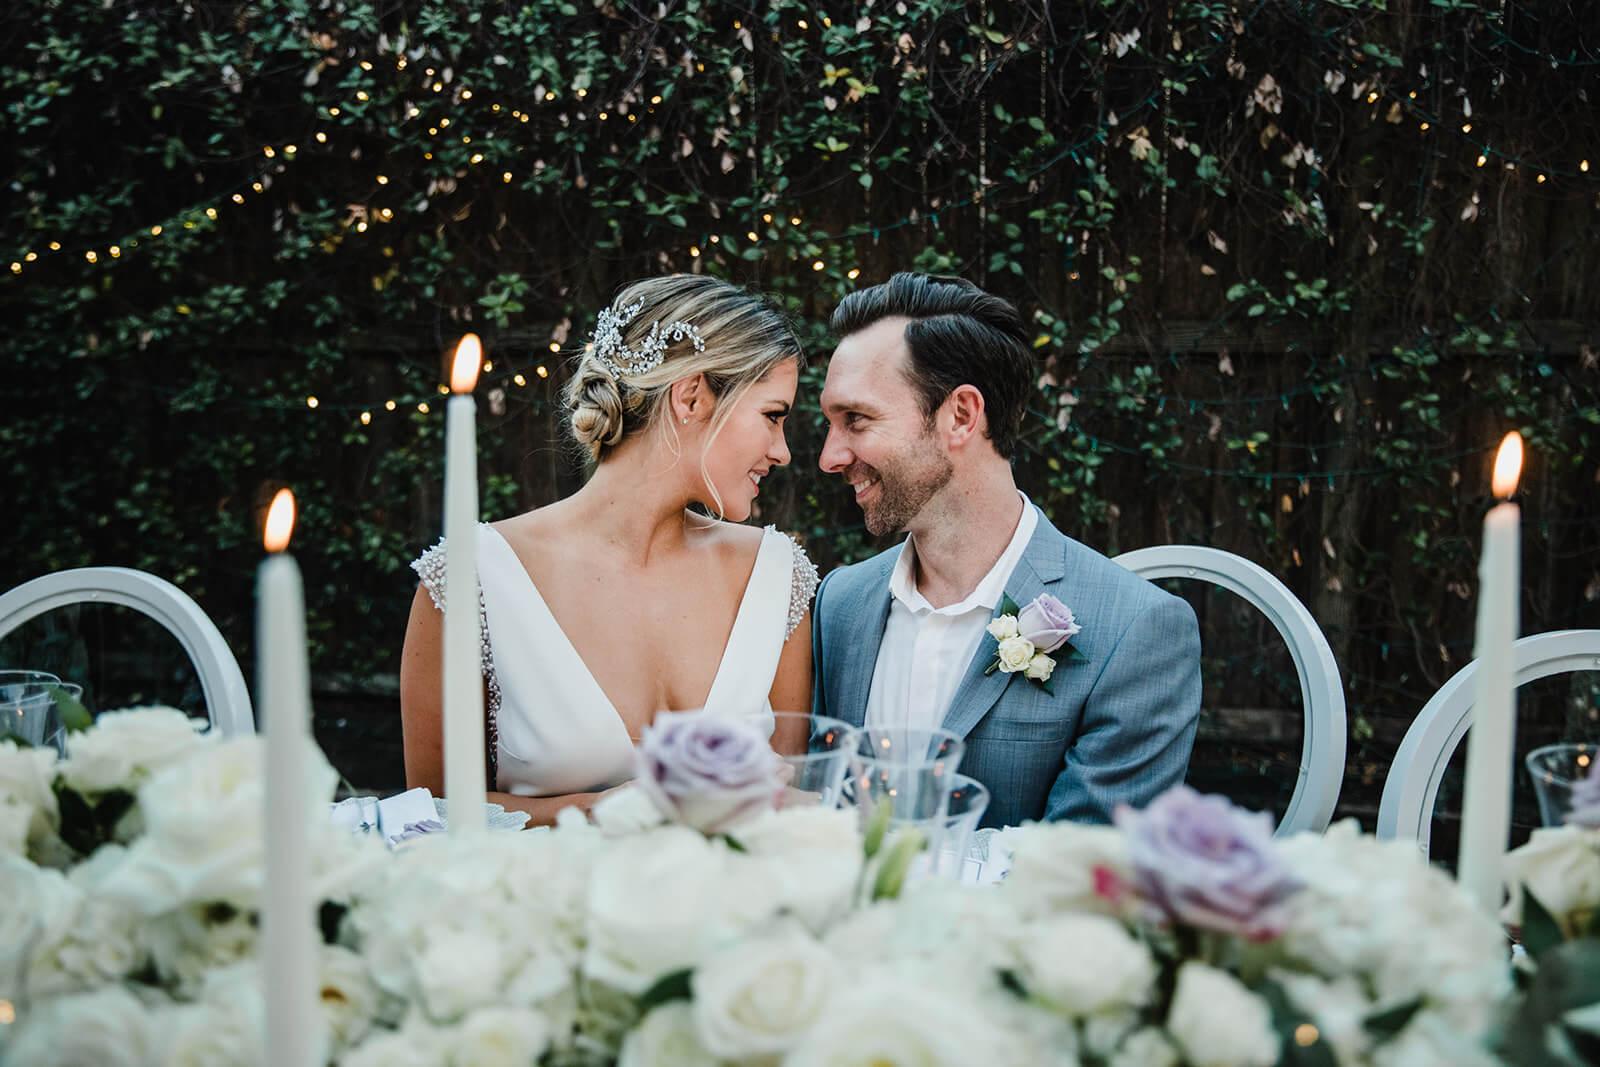 simones, houstontx,houston, pixel, pixelstudio, photographer, weddingphotographer